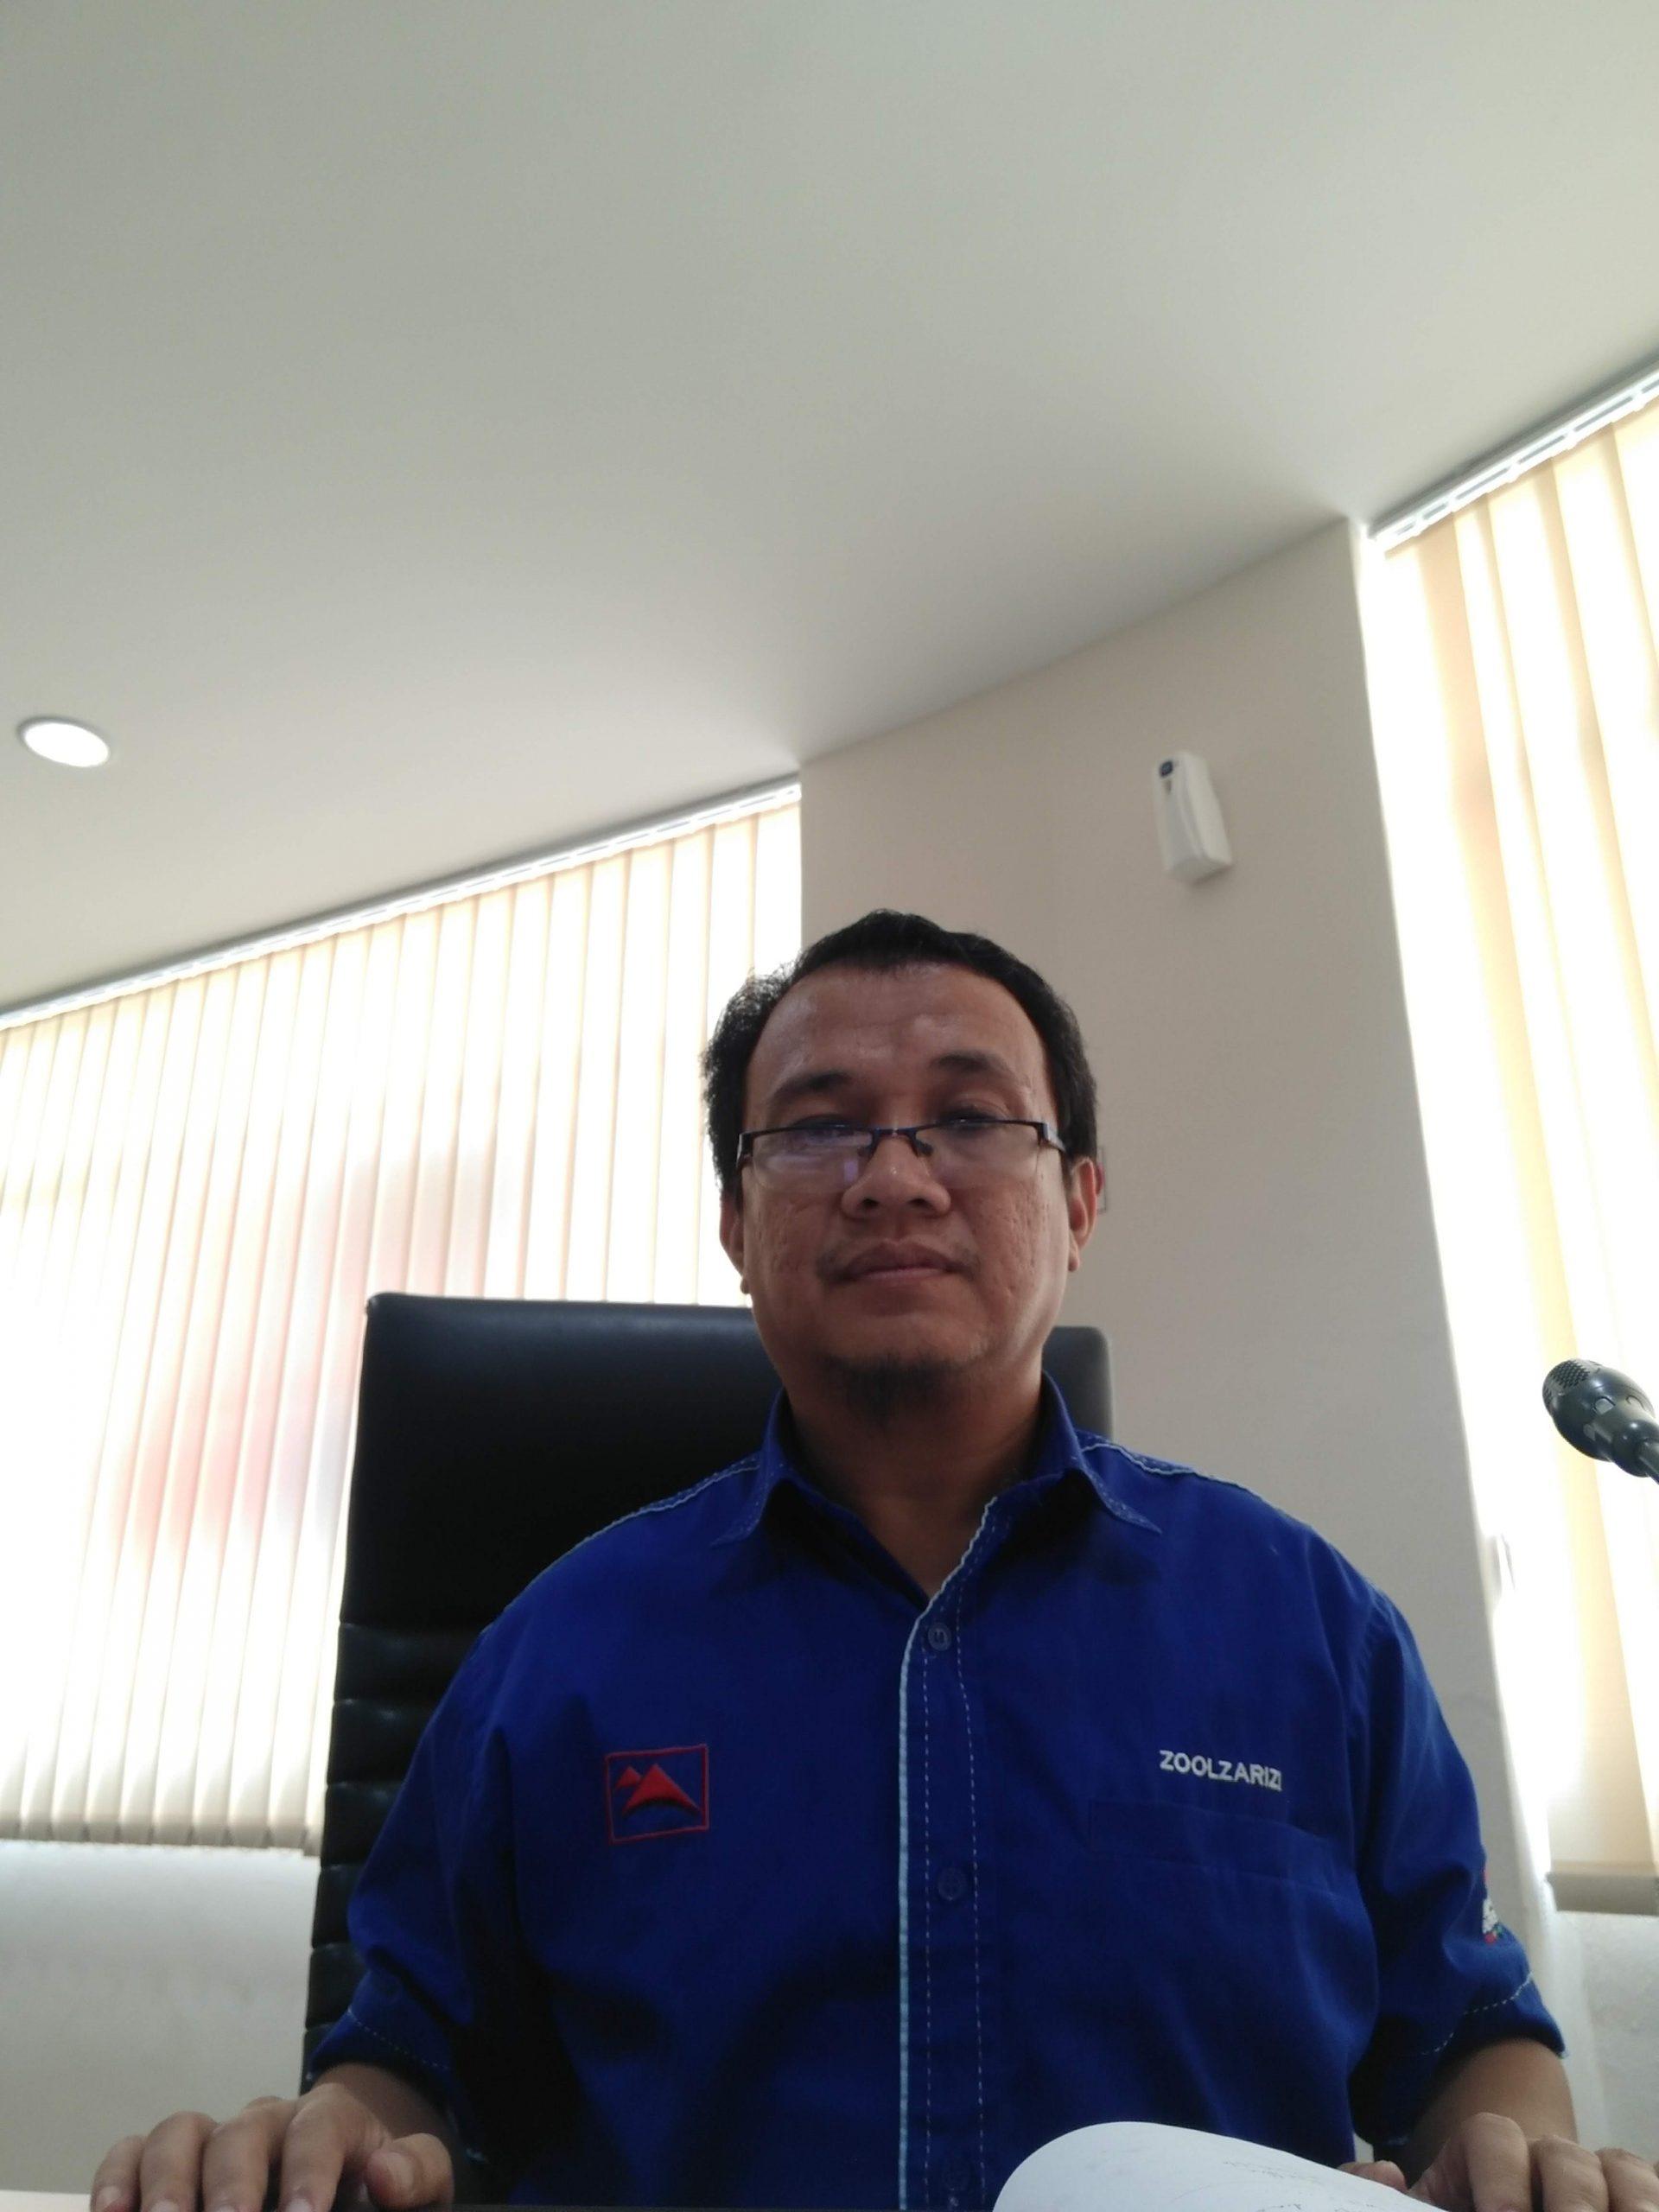 Azam 2020 Sebagai Ketua Unit , Perbincangan Dengan Universiti Selangor